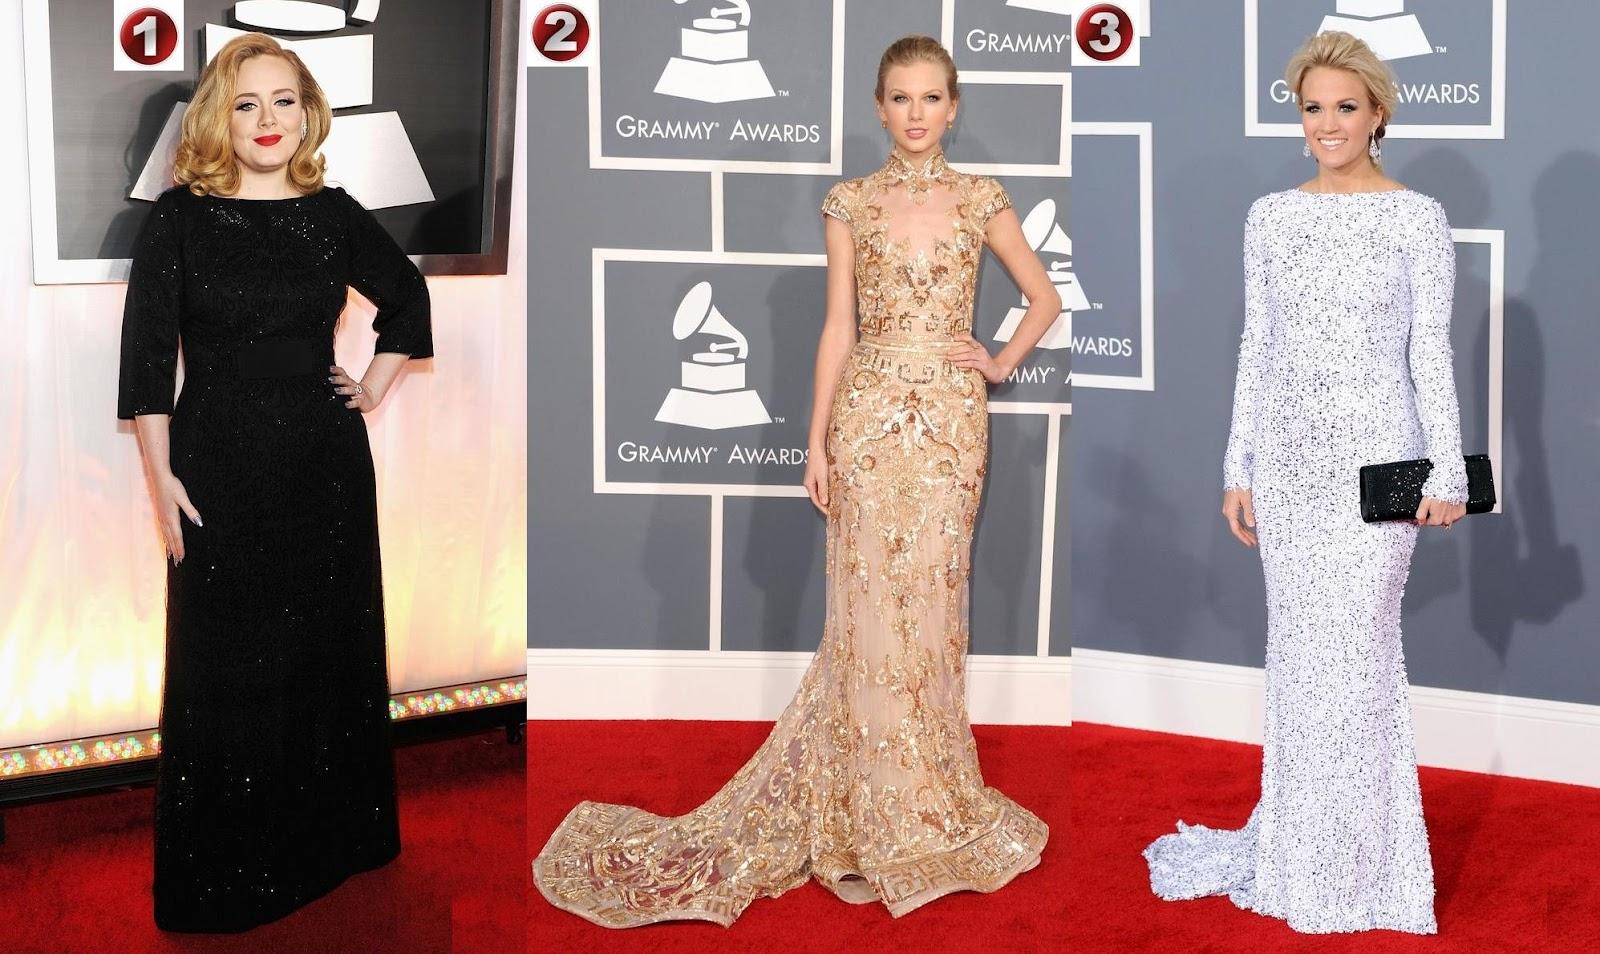 http://3.bp.blogspot.com/-U8B0NPU3XVQ/TzkuXJaTvAI/AAAAAAAAD10/89TwoMNWah4/s1600/adele-grammy-awards-2012-01.jpg